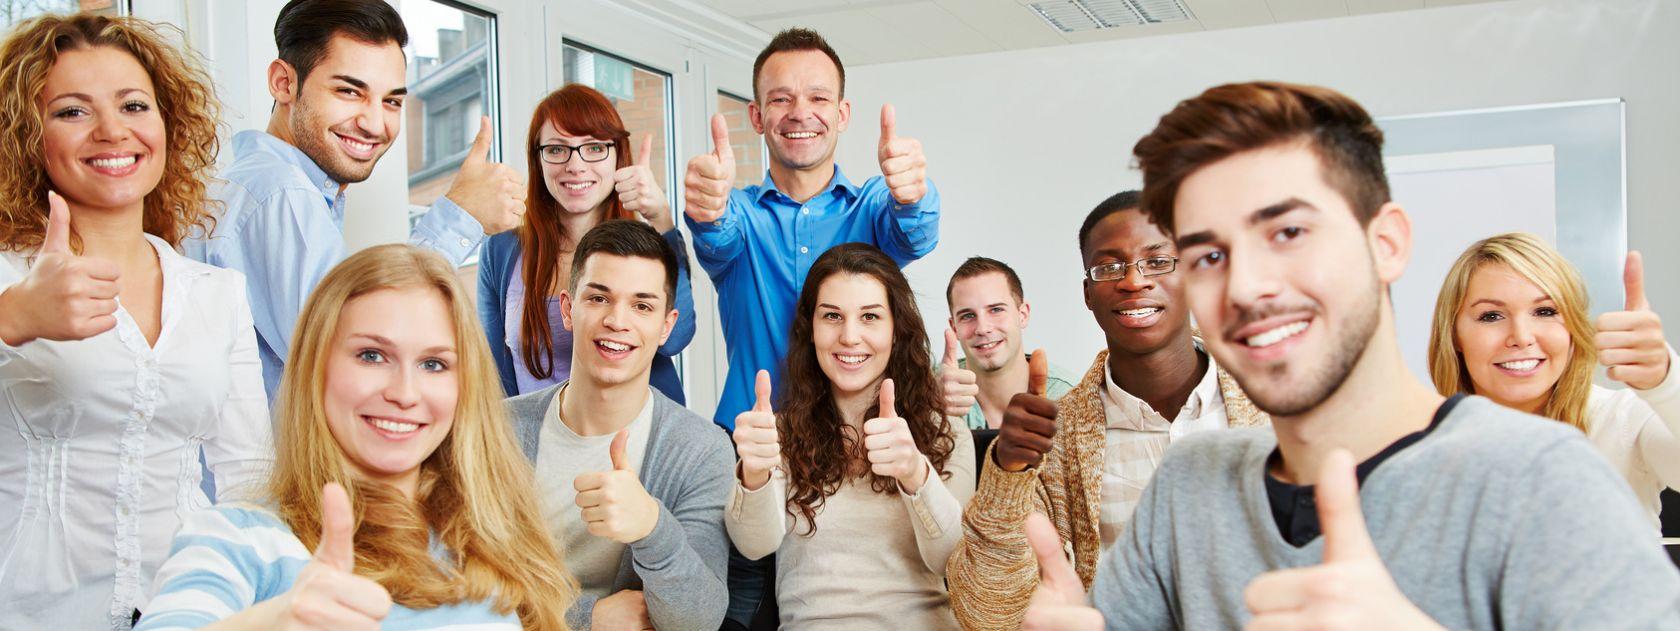 خصوصیات آموزشگاه زبان خوب